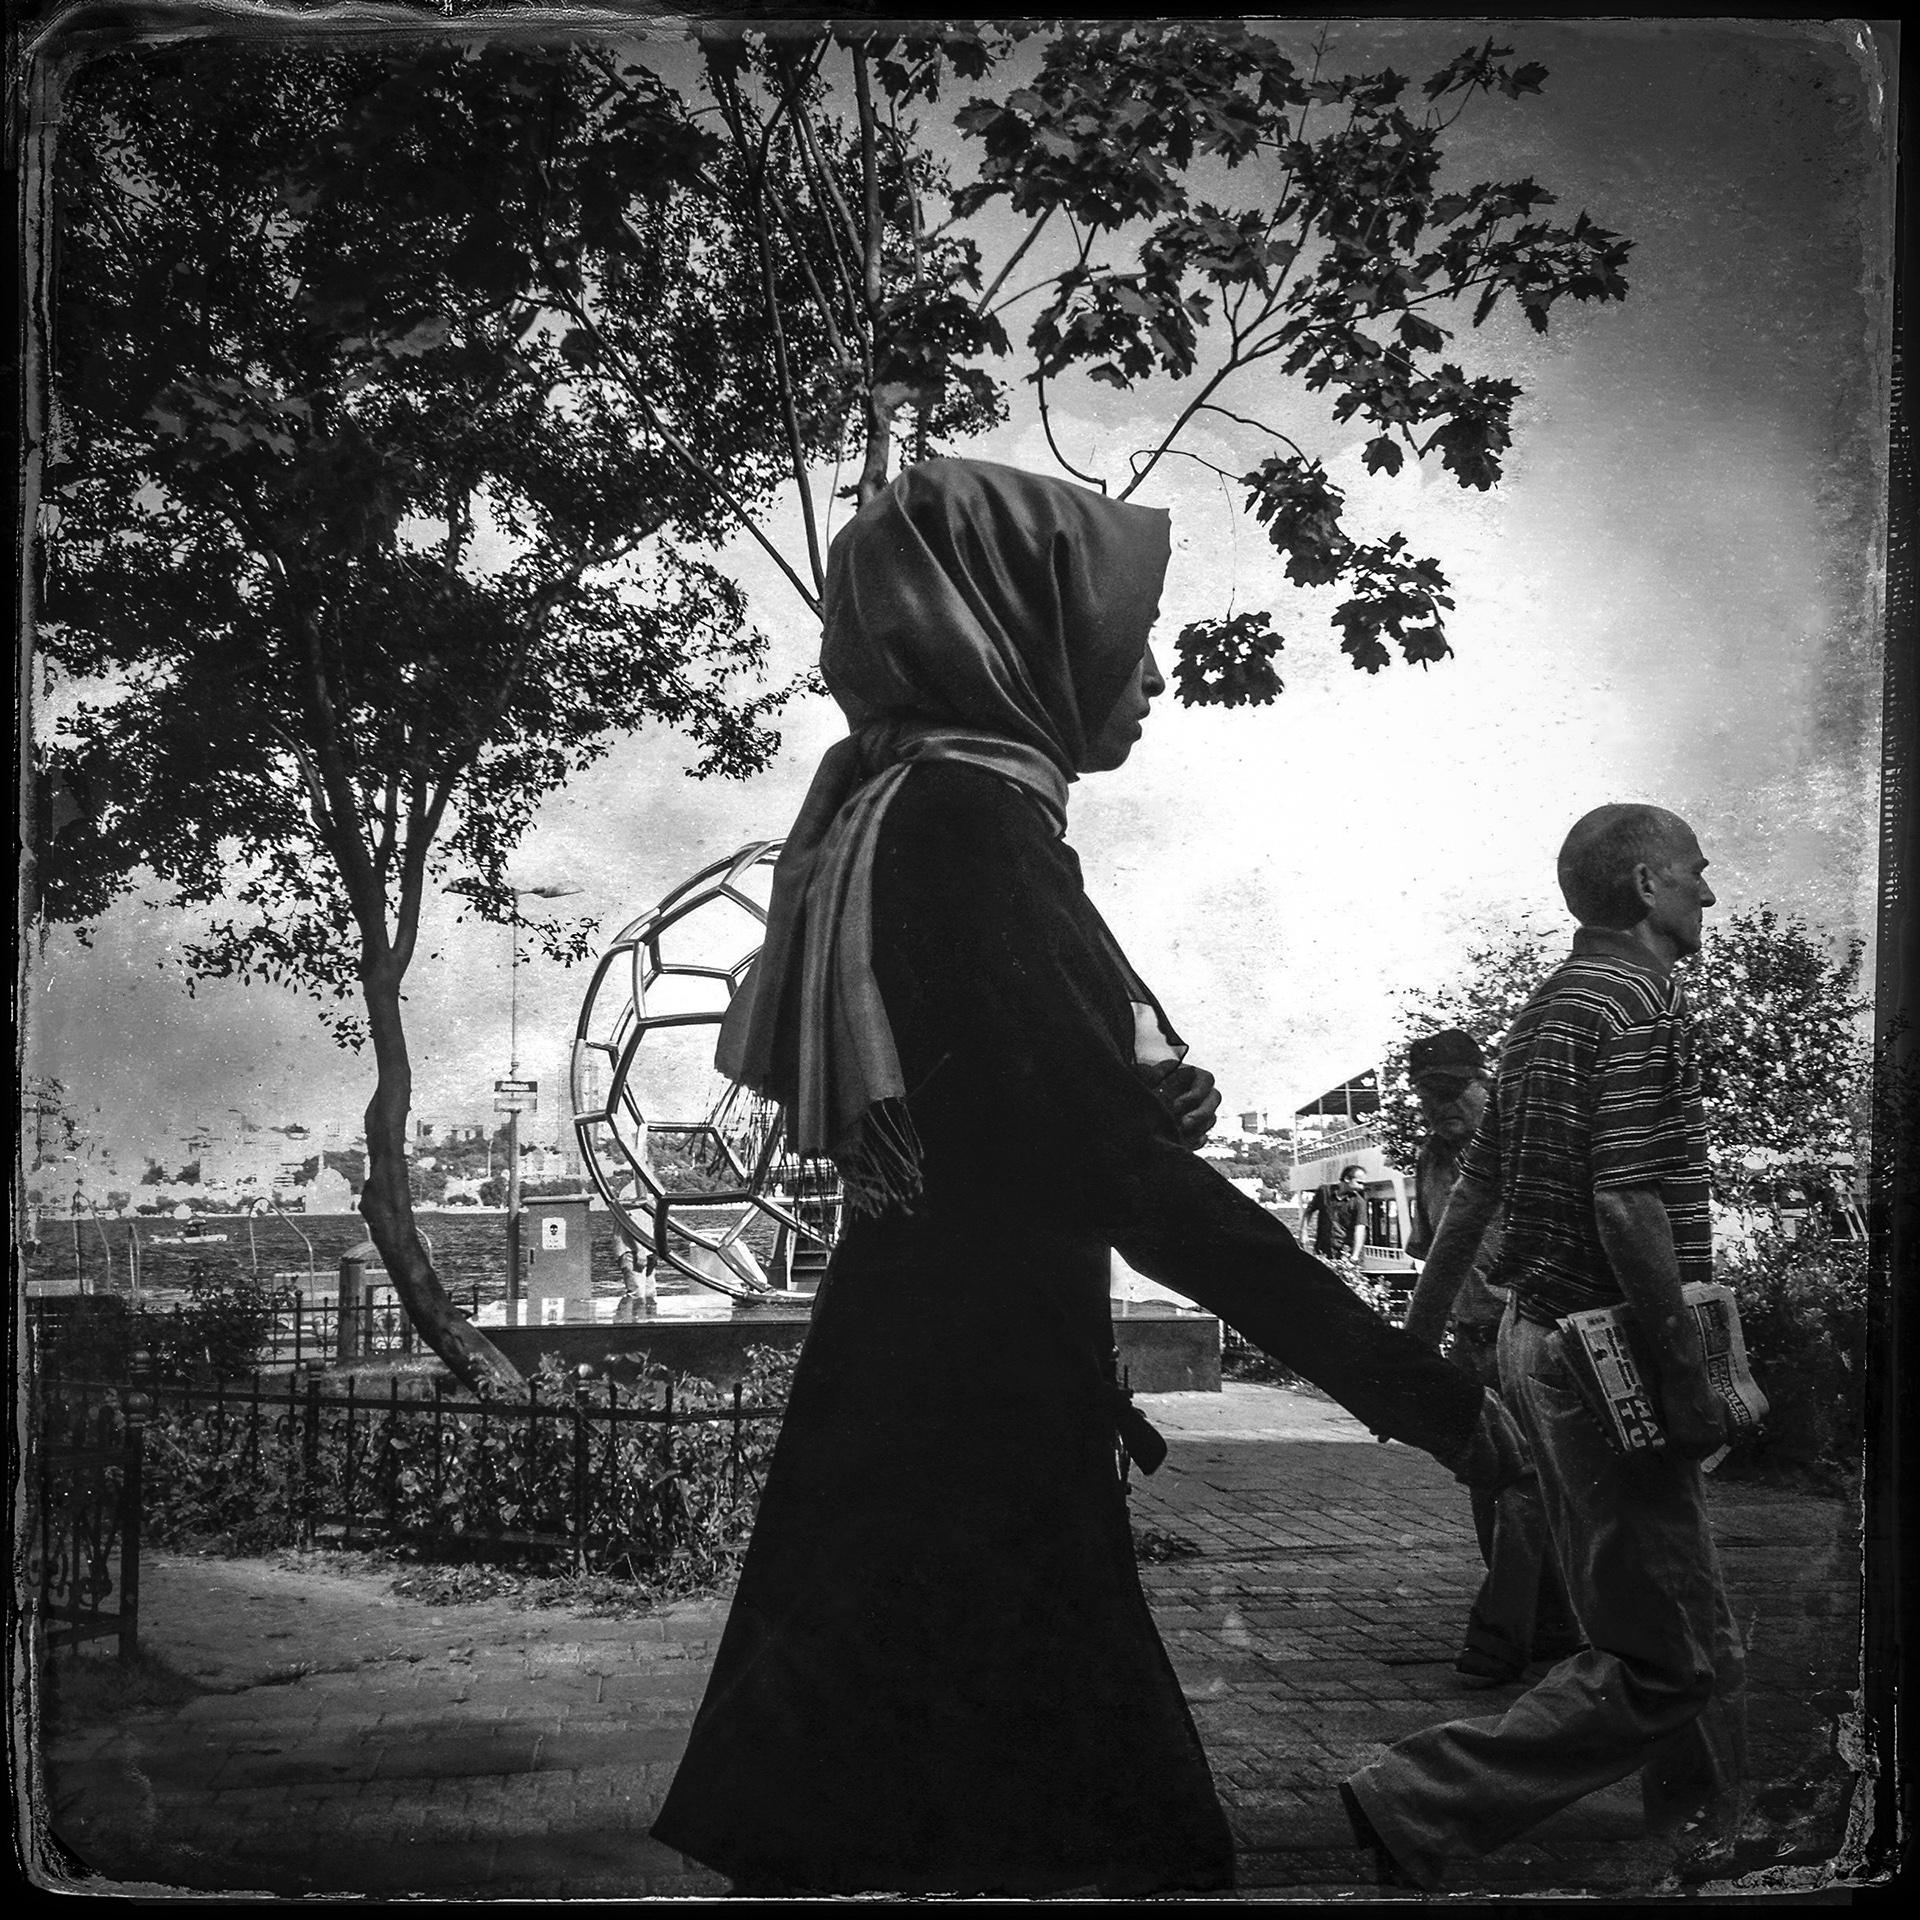 Üsküdar, Istanbul, 2013